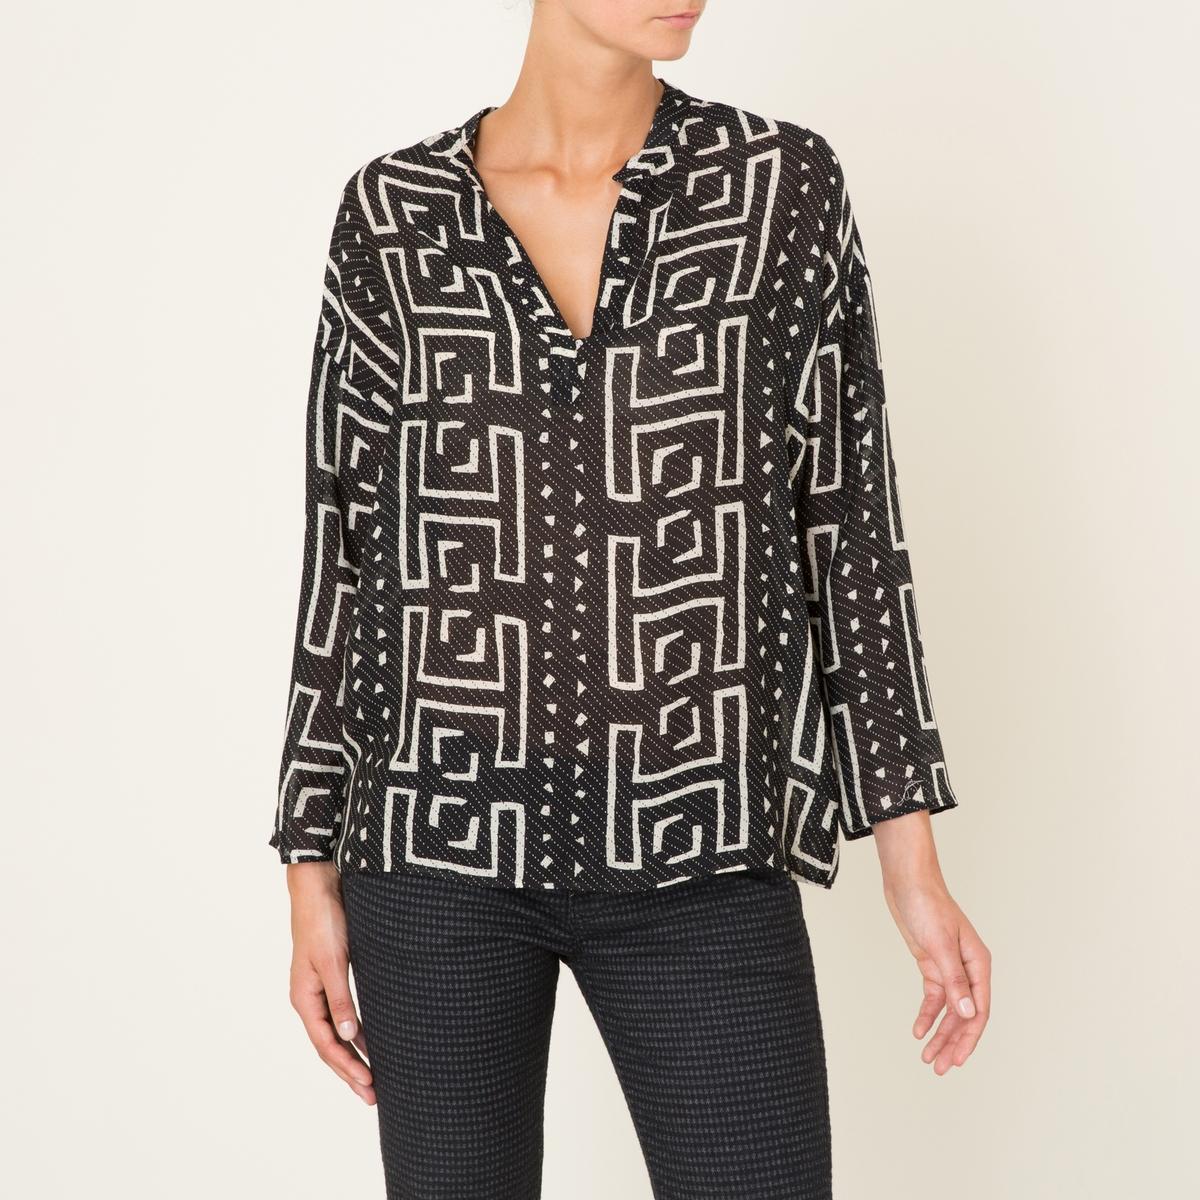 Блузка GUITARAБлузка DIEGA - модель GUITARA из шелка и шерсти. Сплошной принт. Тунисский ворот. Длинные рукава. Прямой покрой. Состав &amp; Детали Материал : 73% шелк, 27% шерстьМарка : DIEGA<br><br>Цвет: черный